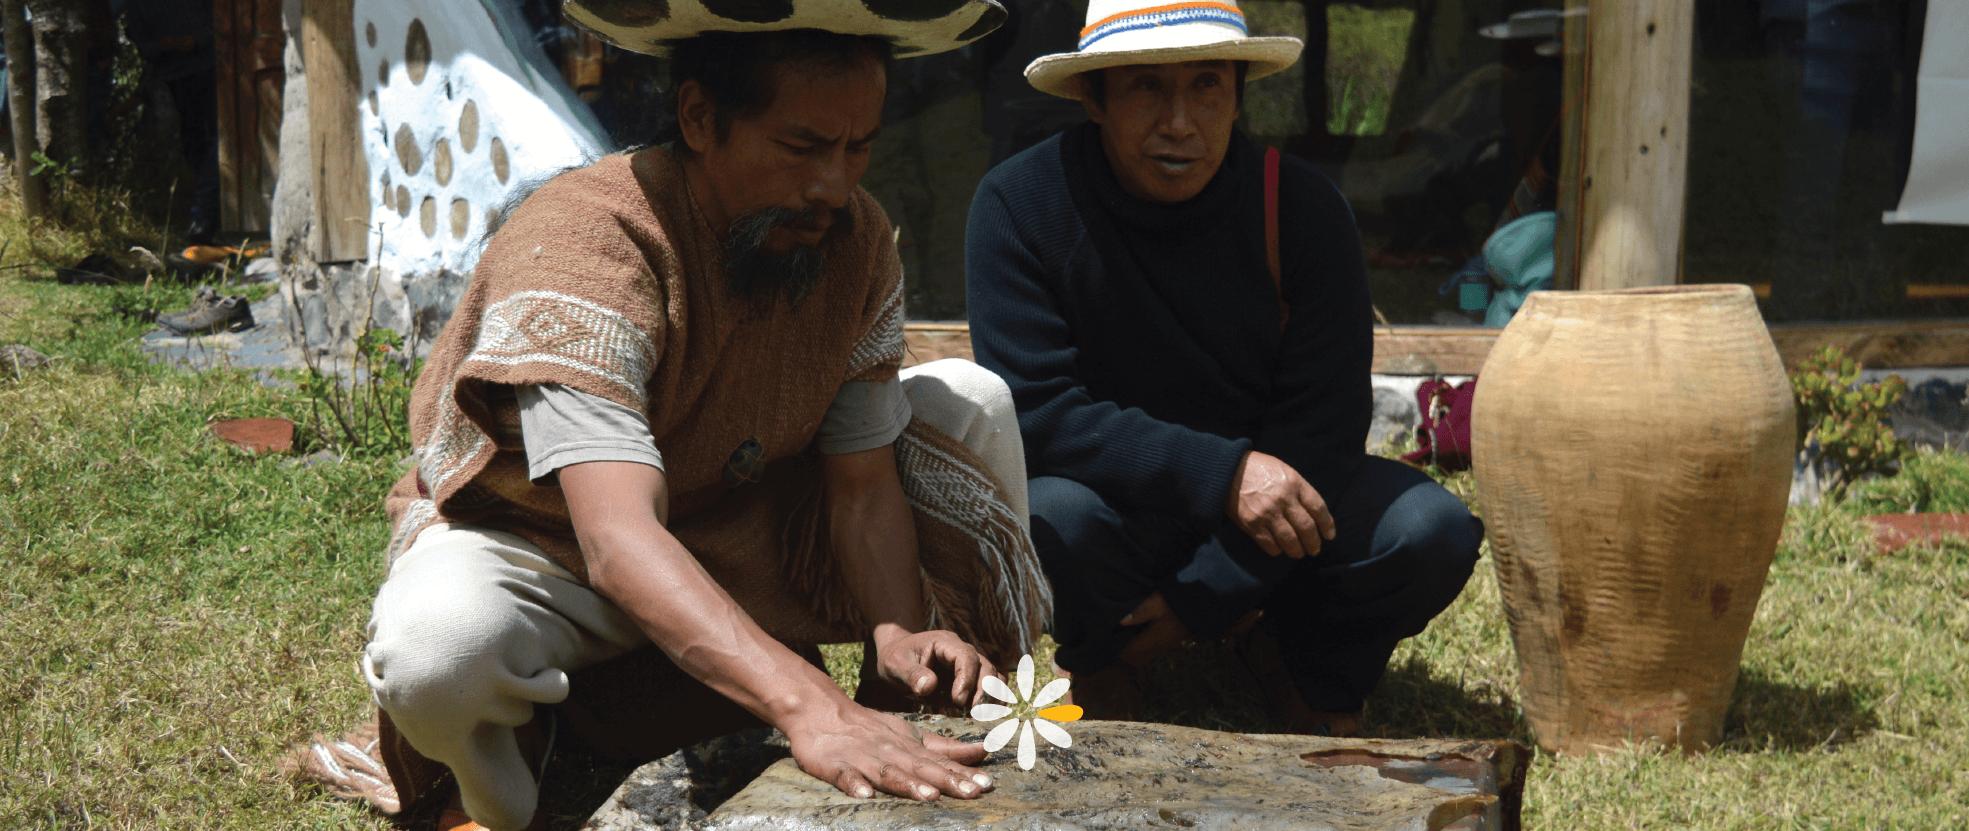 garantia agroecologica ga-rgs red de guardianes de semillas ecuador